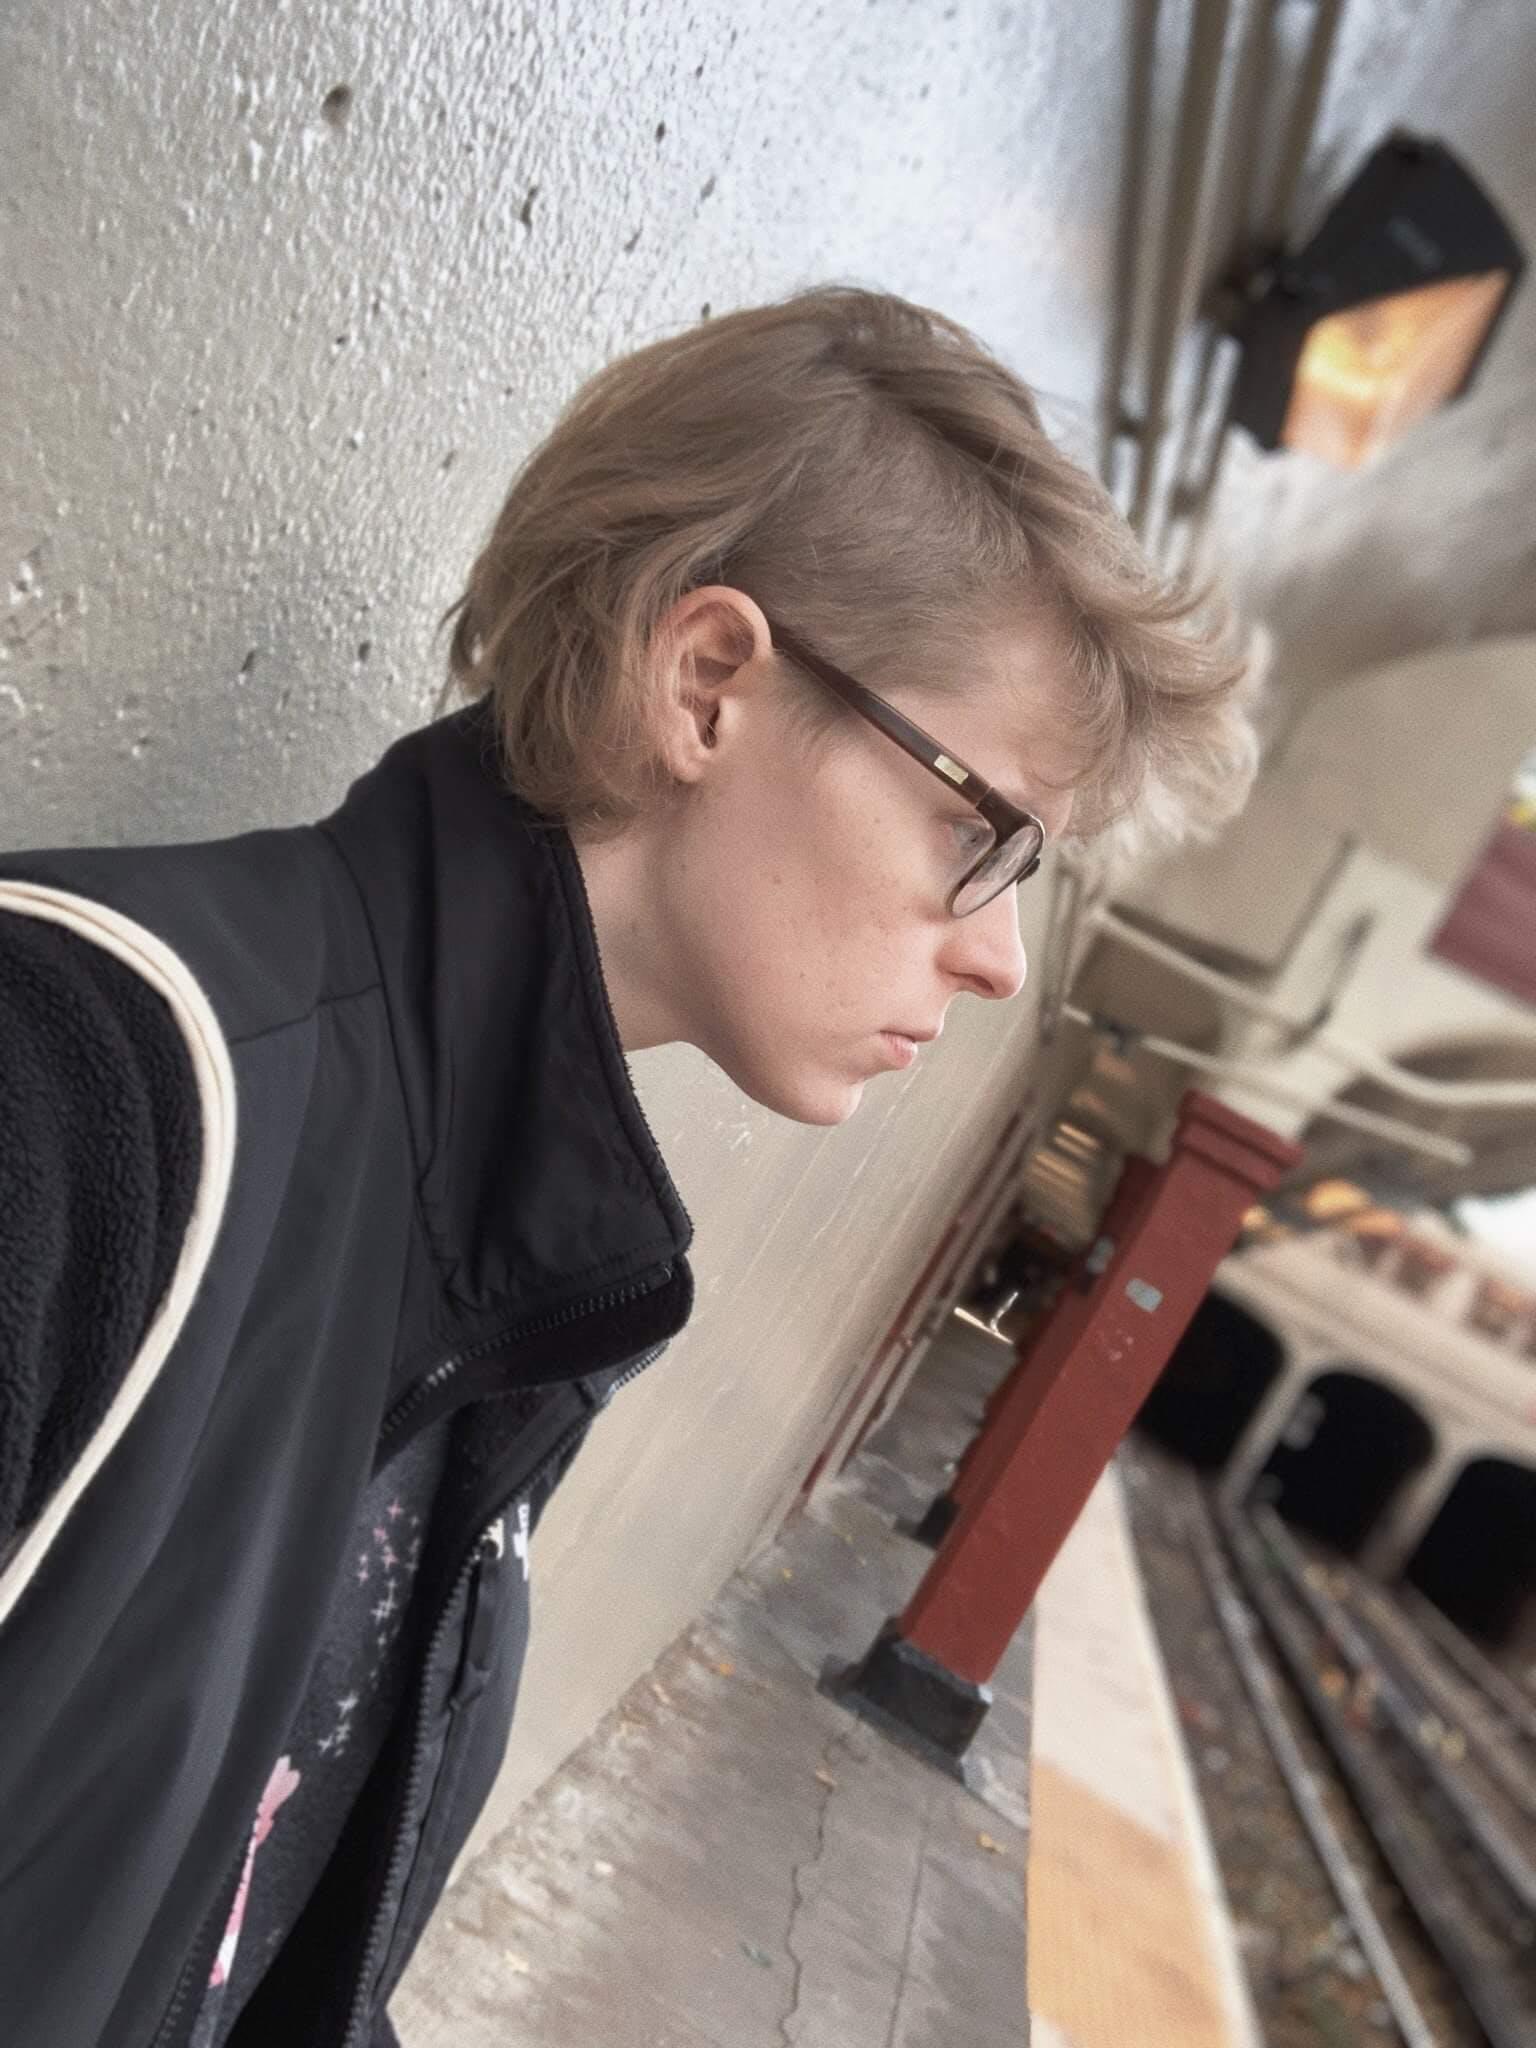 Ana Valens Selfie 2019